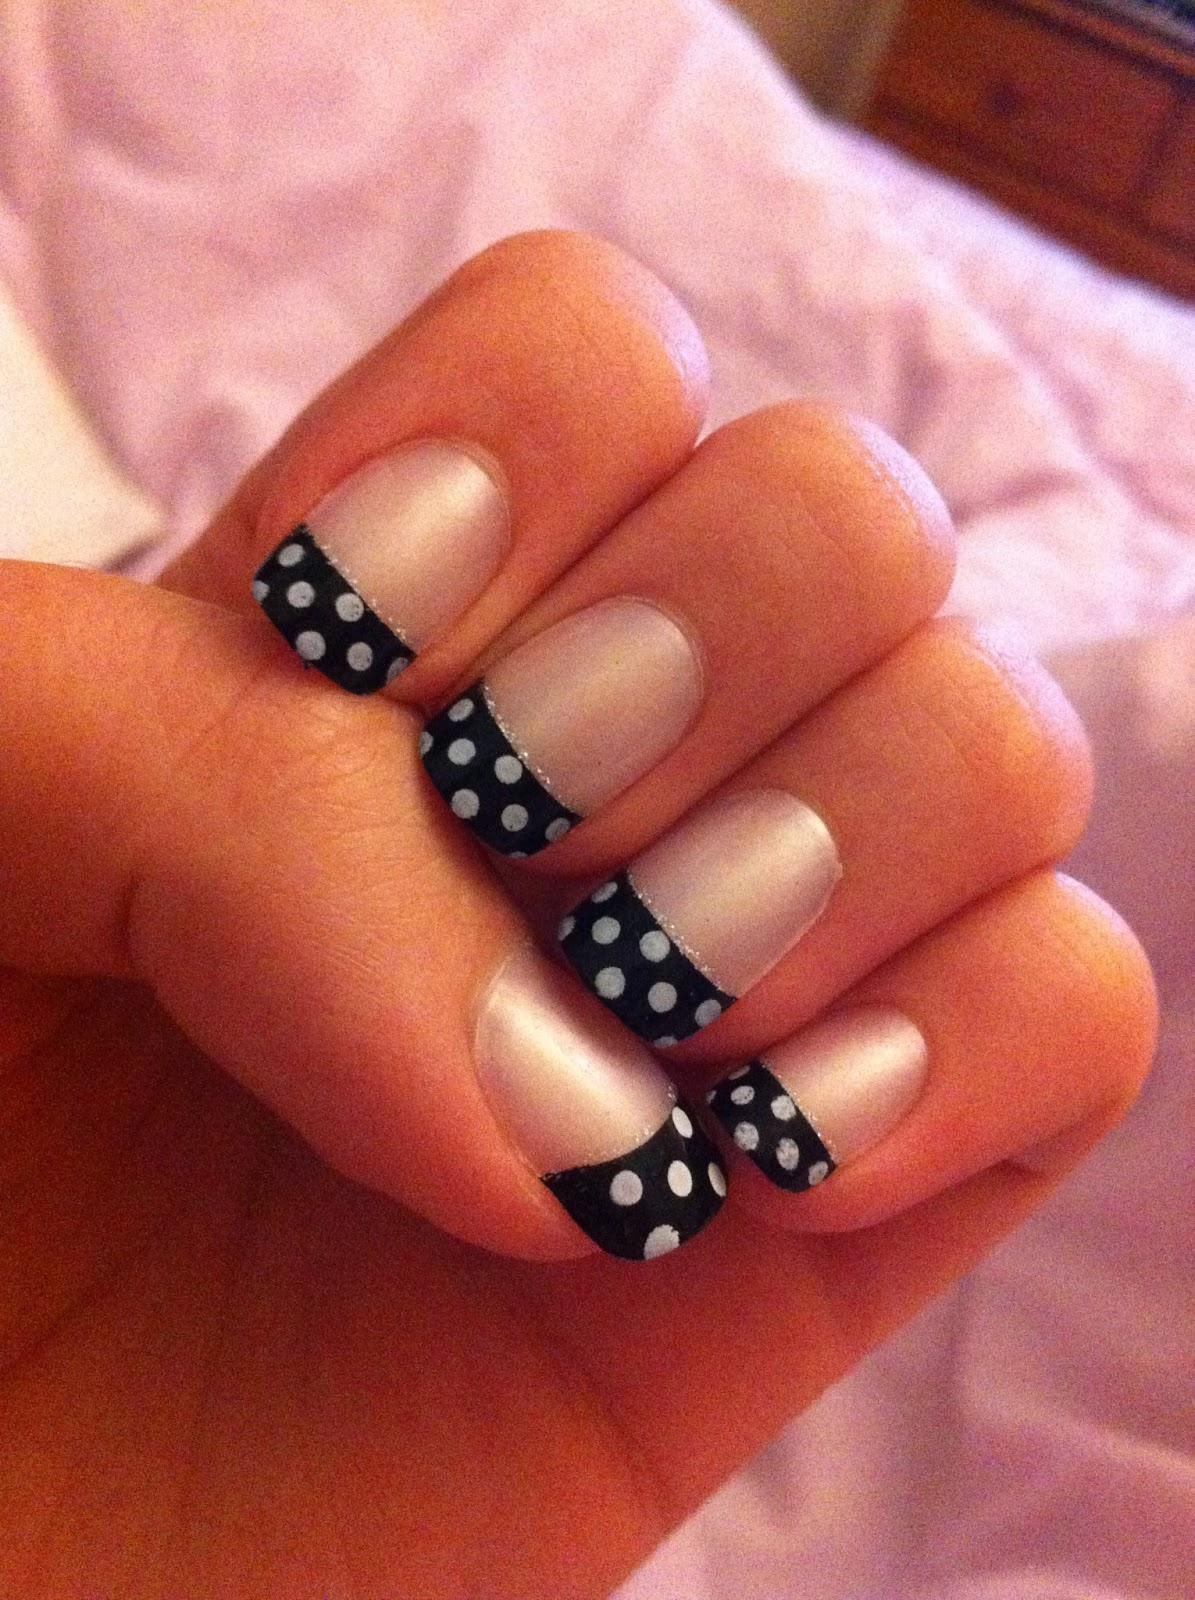 Laurenlovesmakeup\'xoxo: Primark Pound Fashion Nails!